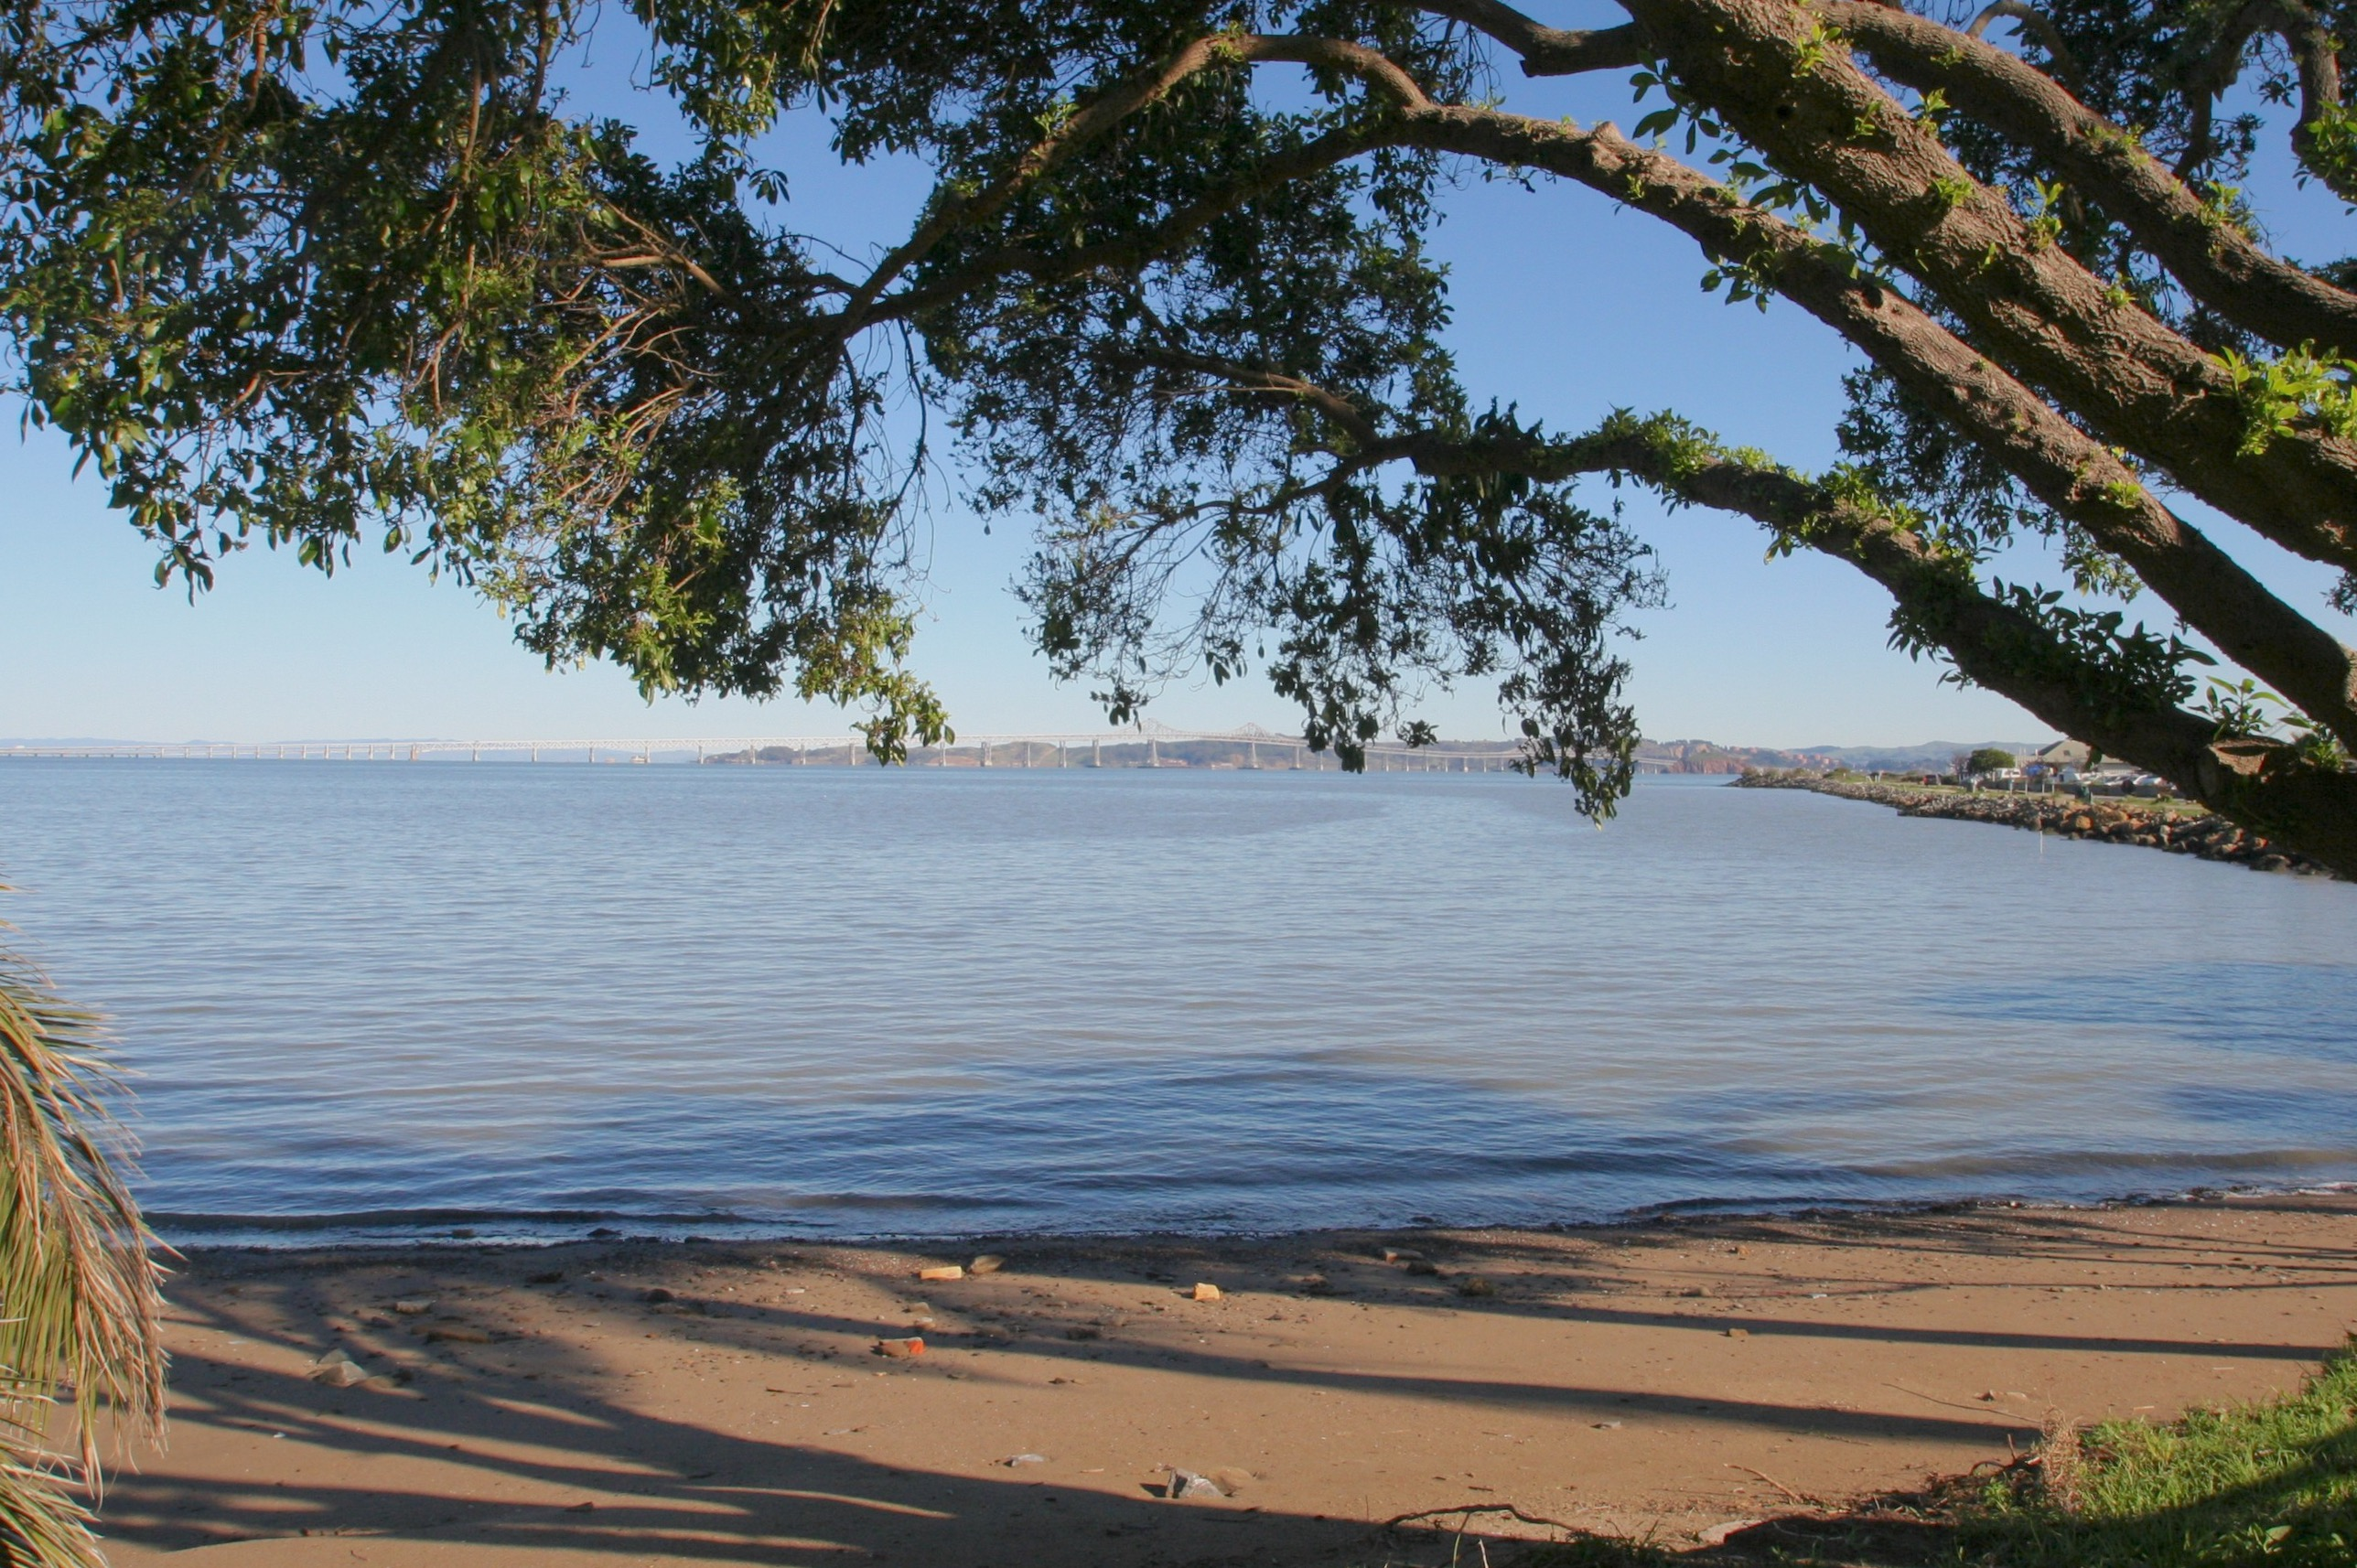 Einfamilienhaus für Verkauf beim Prime Waterfront Family Home with Sandy Beach 4780 Paradise Drive Tiburon, Kalifornien, 94920 Vereinigte Staaten